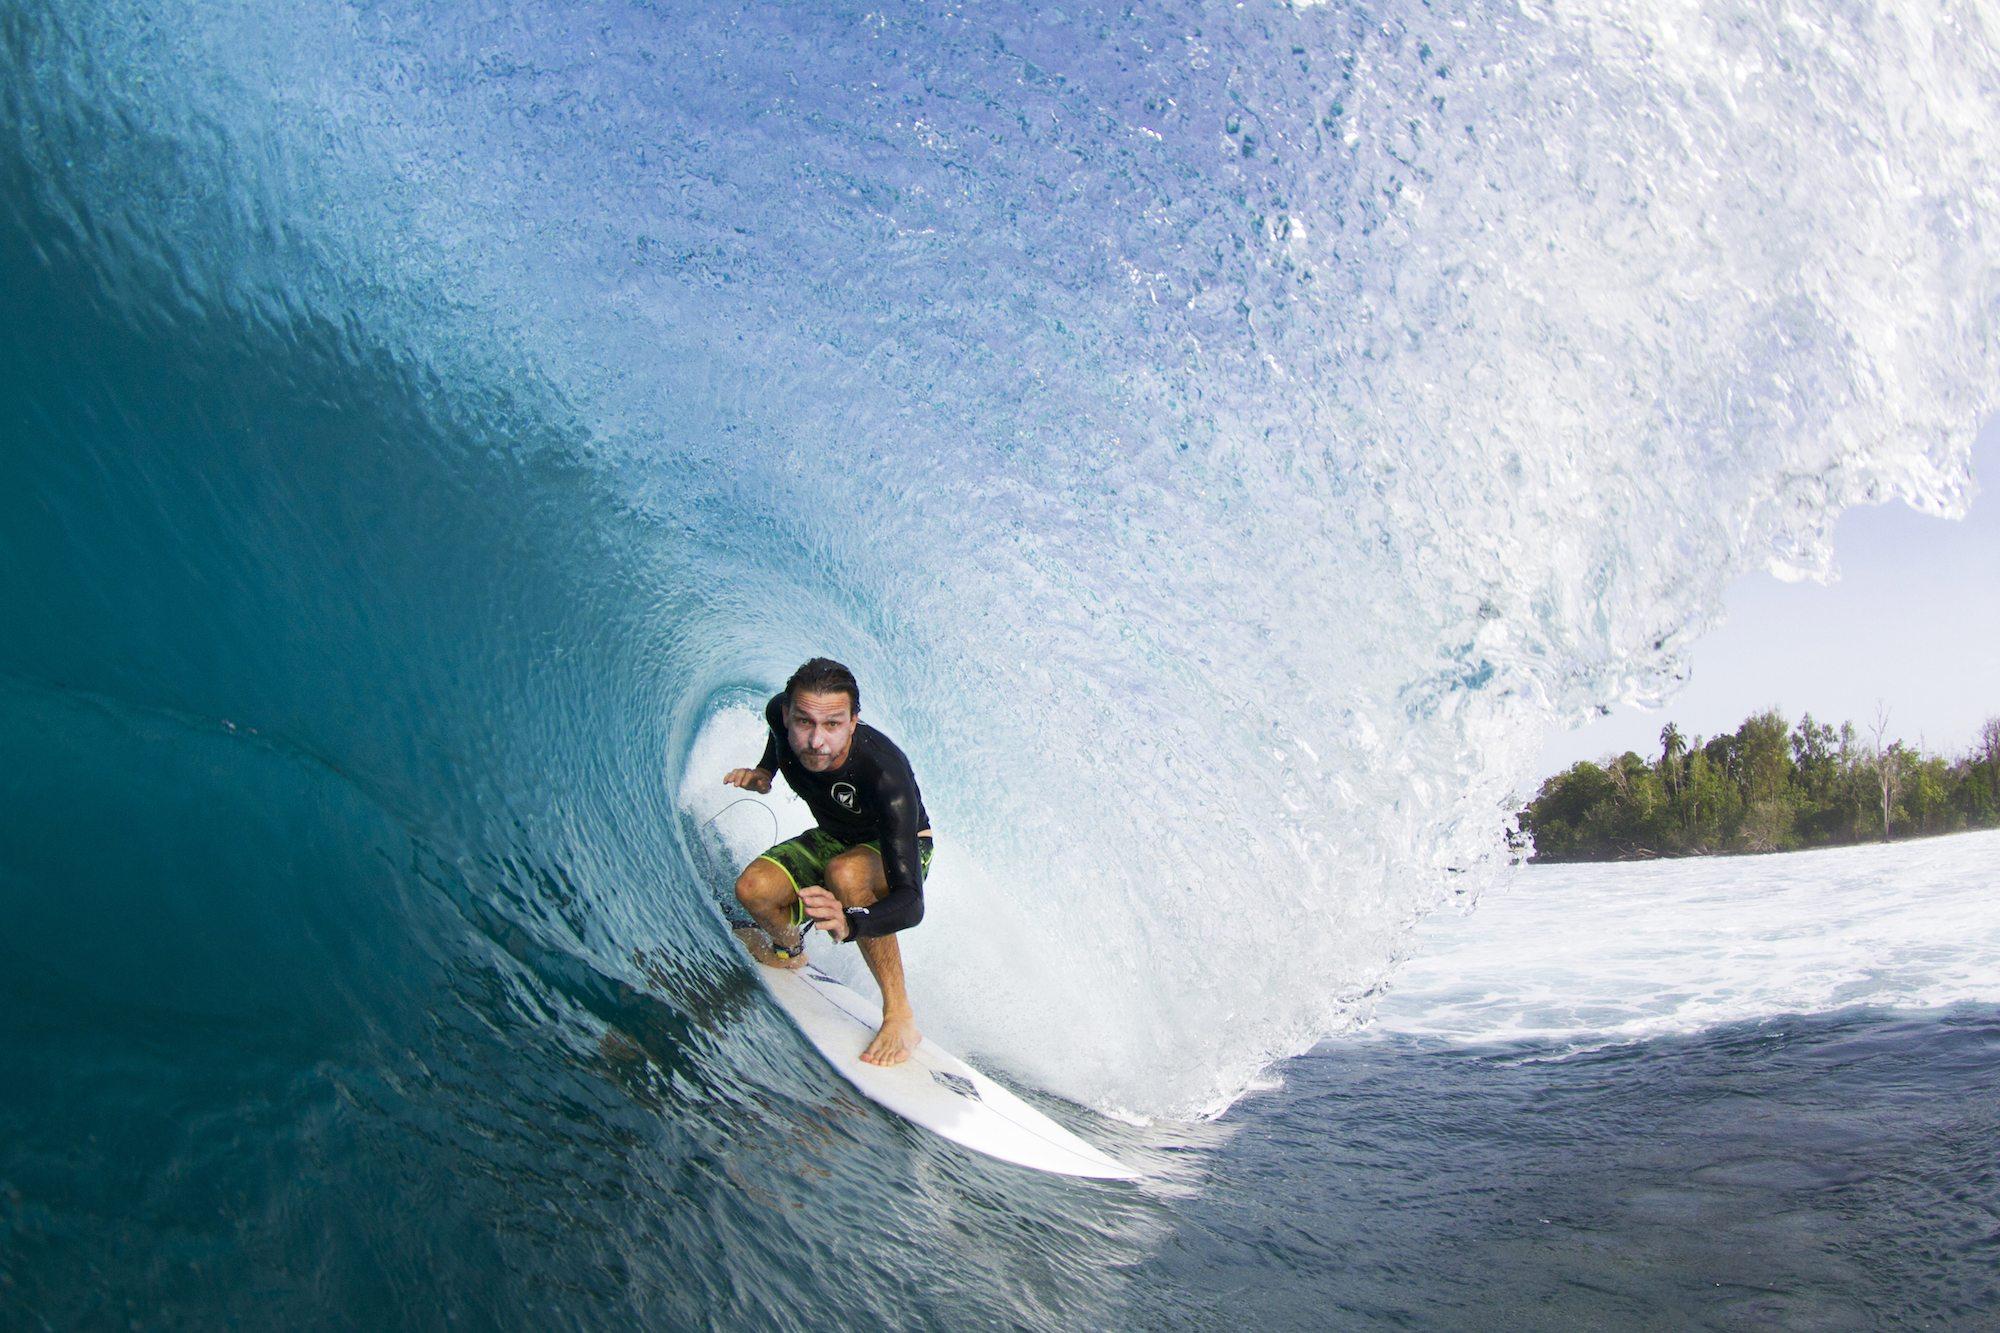 surfer is inside the barrel roll wave, surf banyak